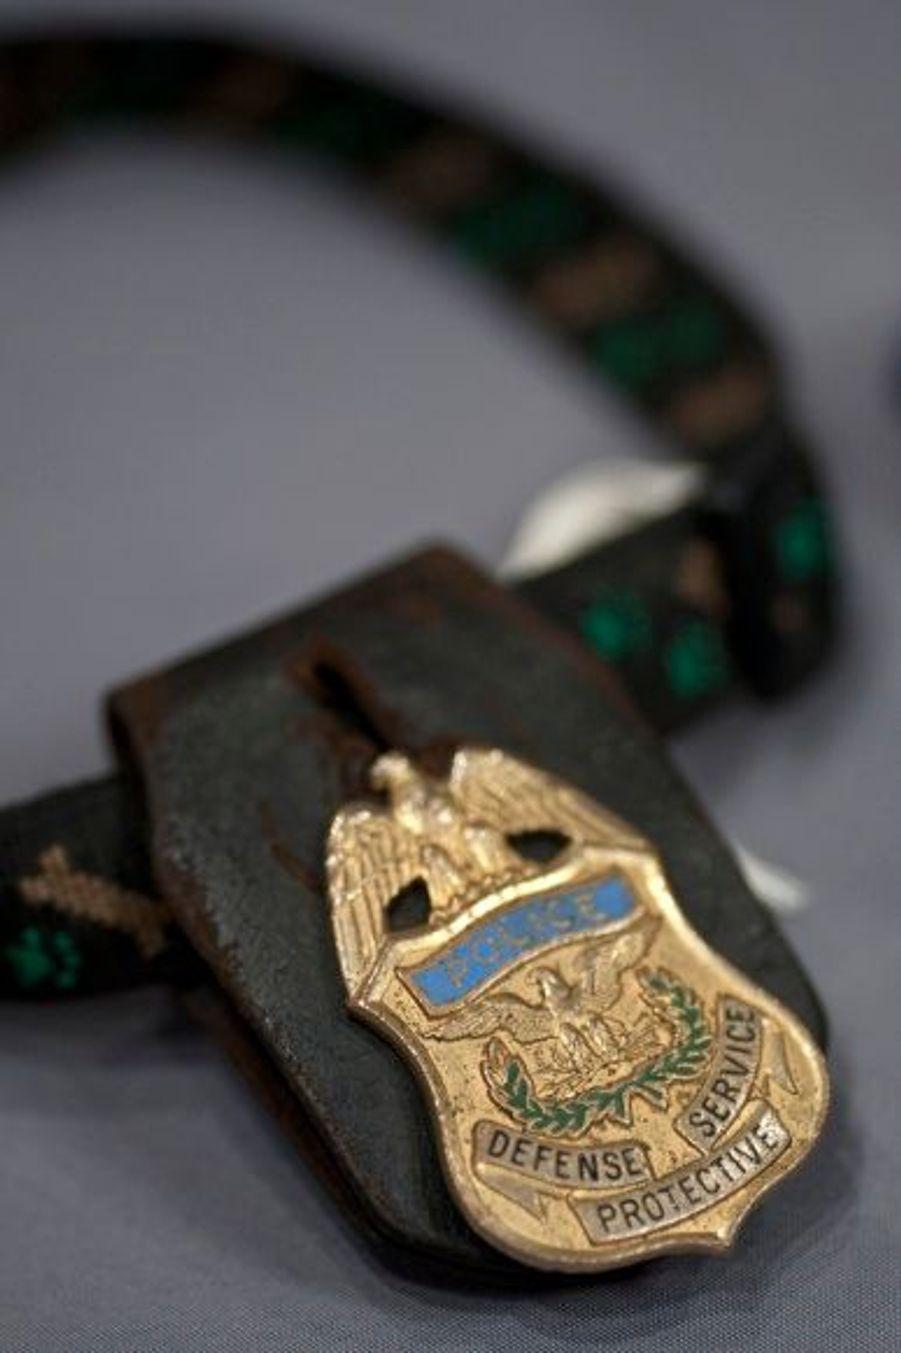 Le collier d'un chien renifleur de bombe, retrouvé sur le site du Pentagone.